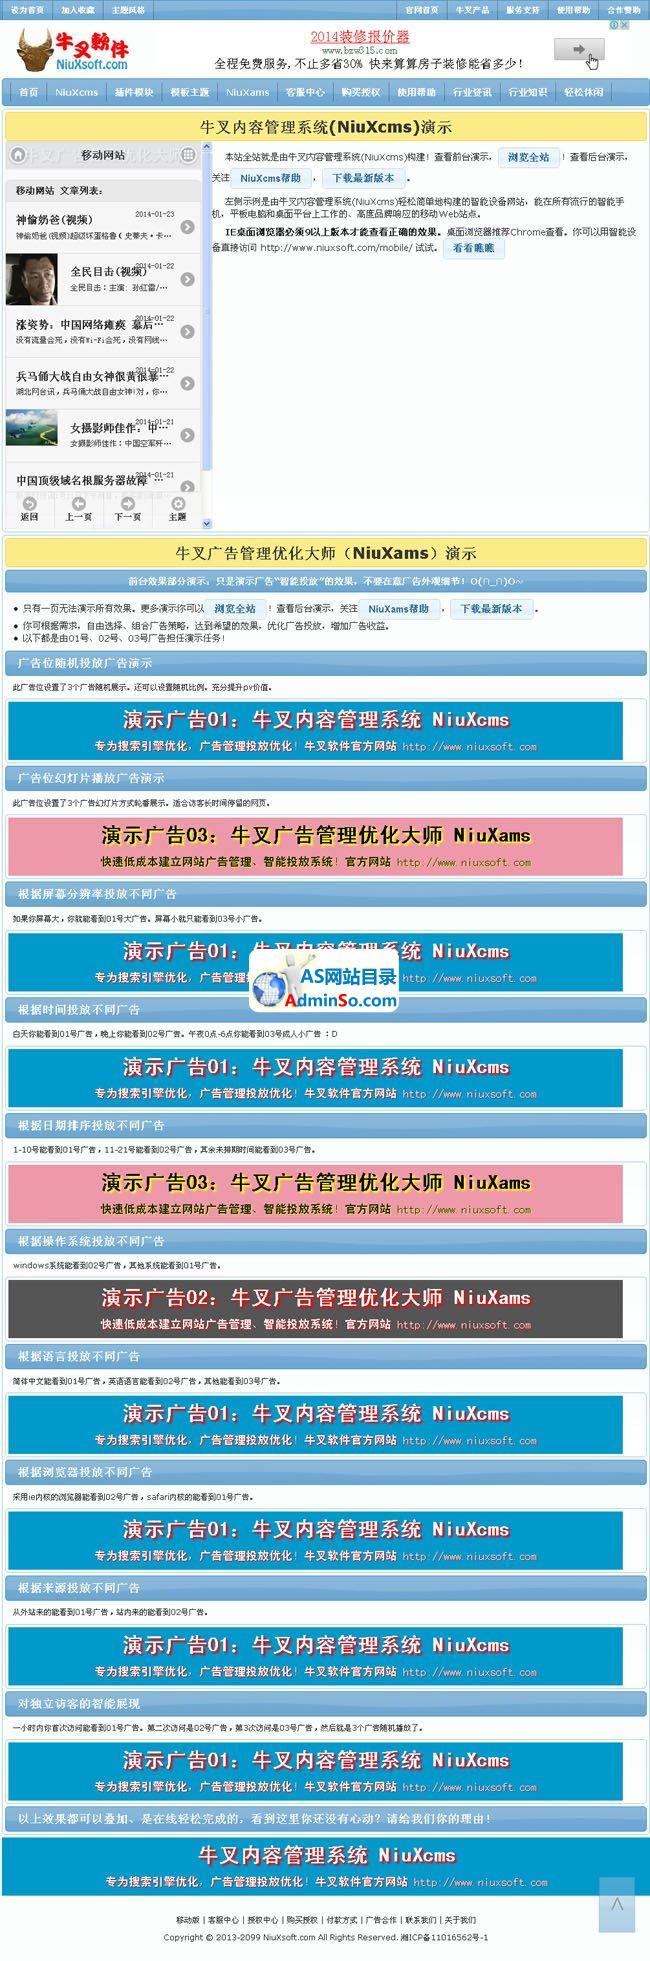 牛叉广告管理优化大师(NiuXams)